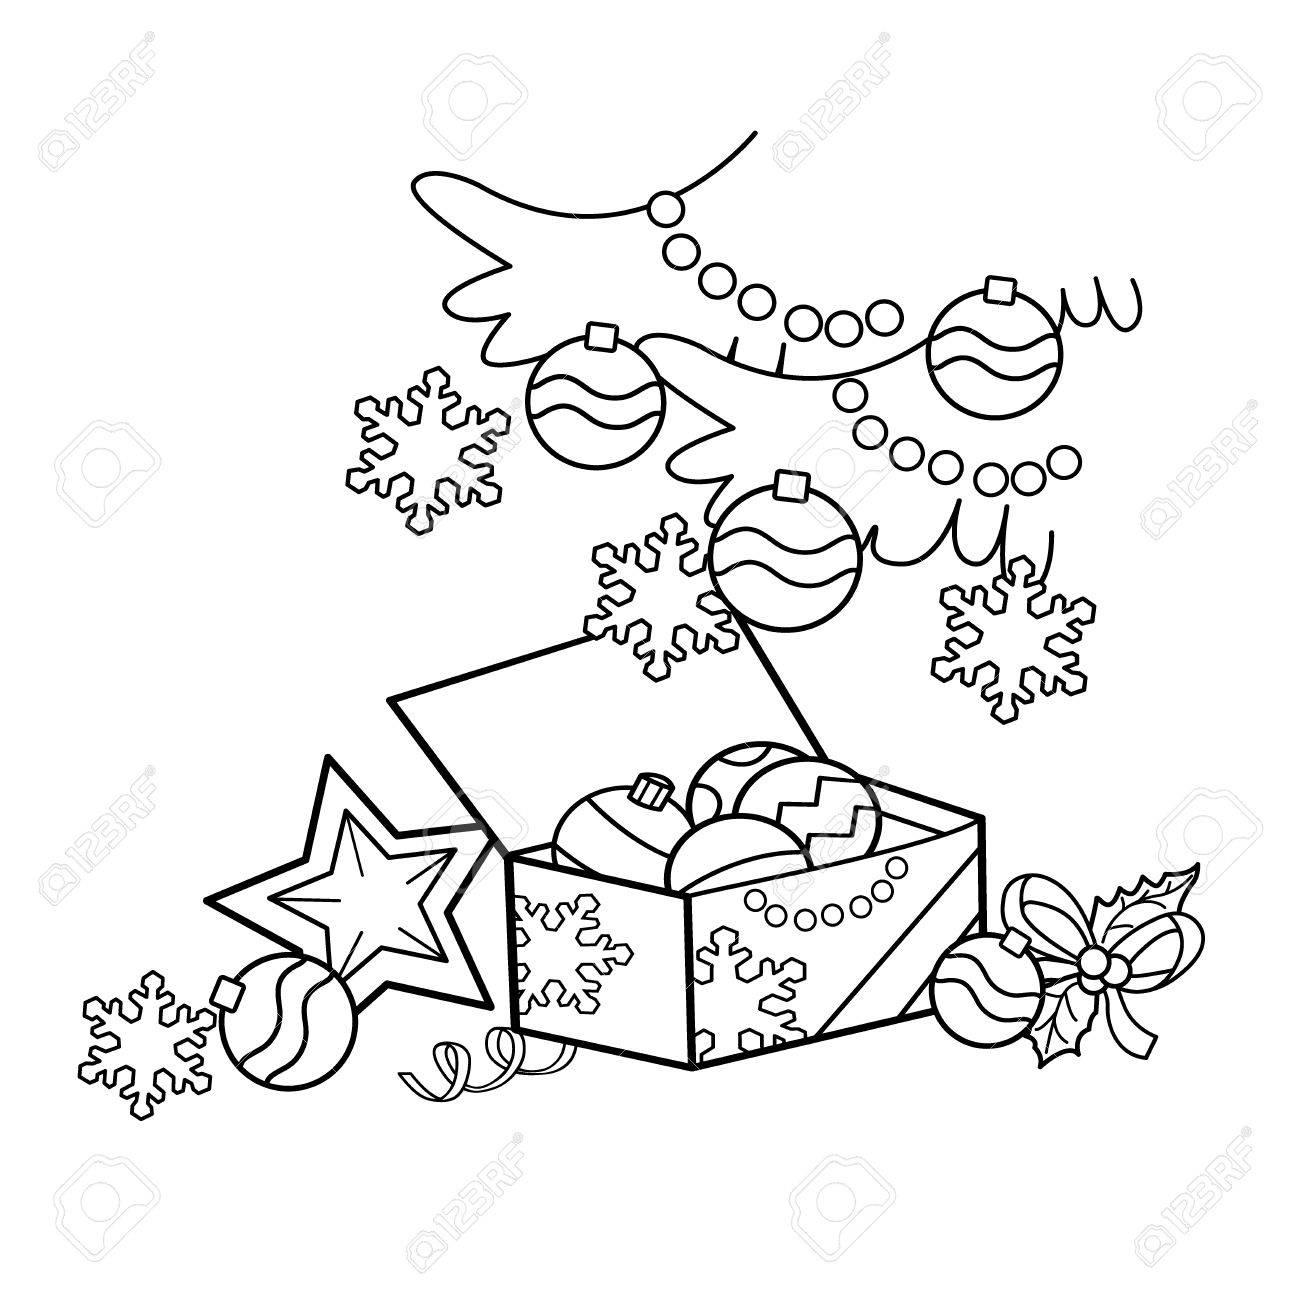 Ausmalbilder Für Kinder Weihnachten.Stock Photo